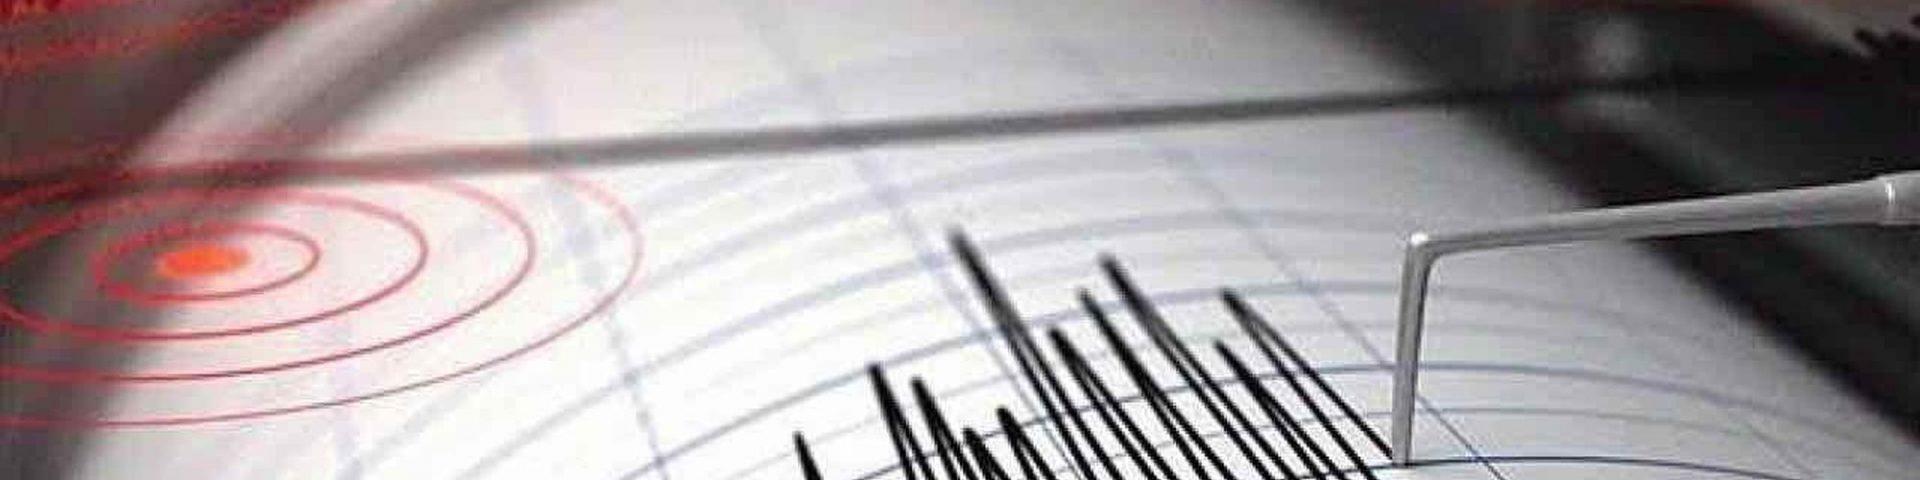 Terremoto nella zona di Roma (3 aprile 2020)